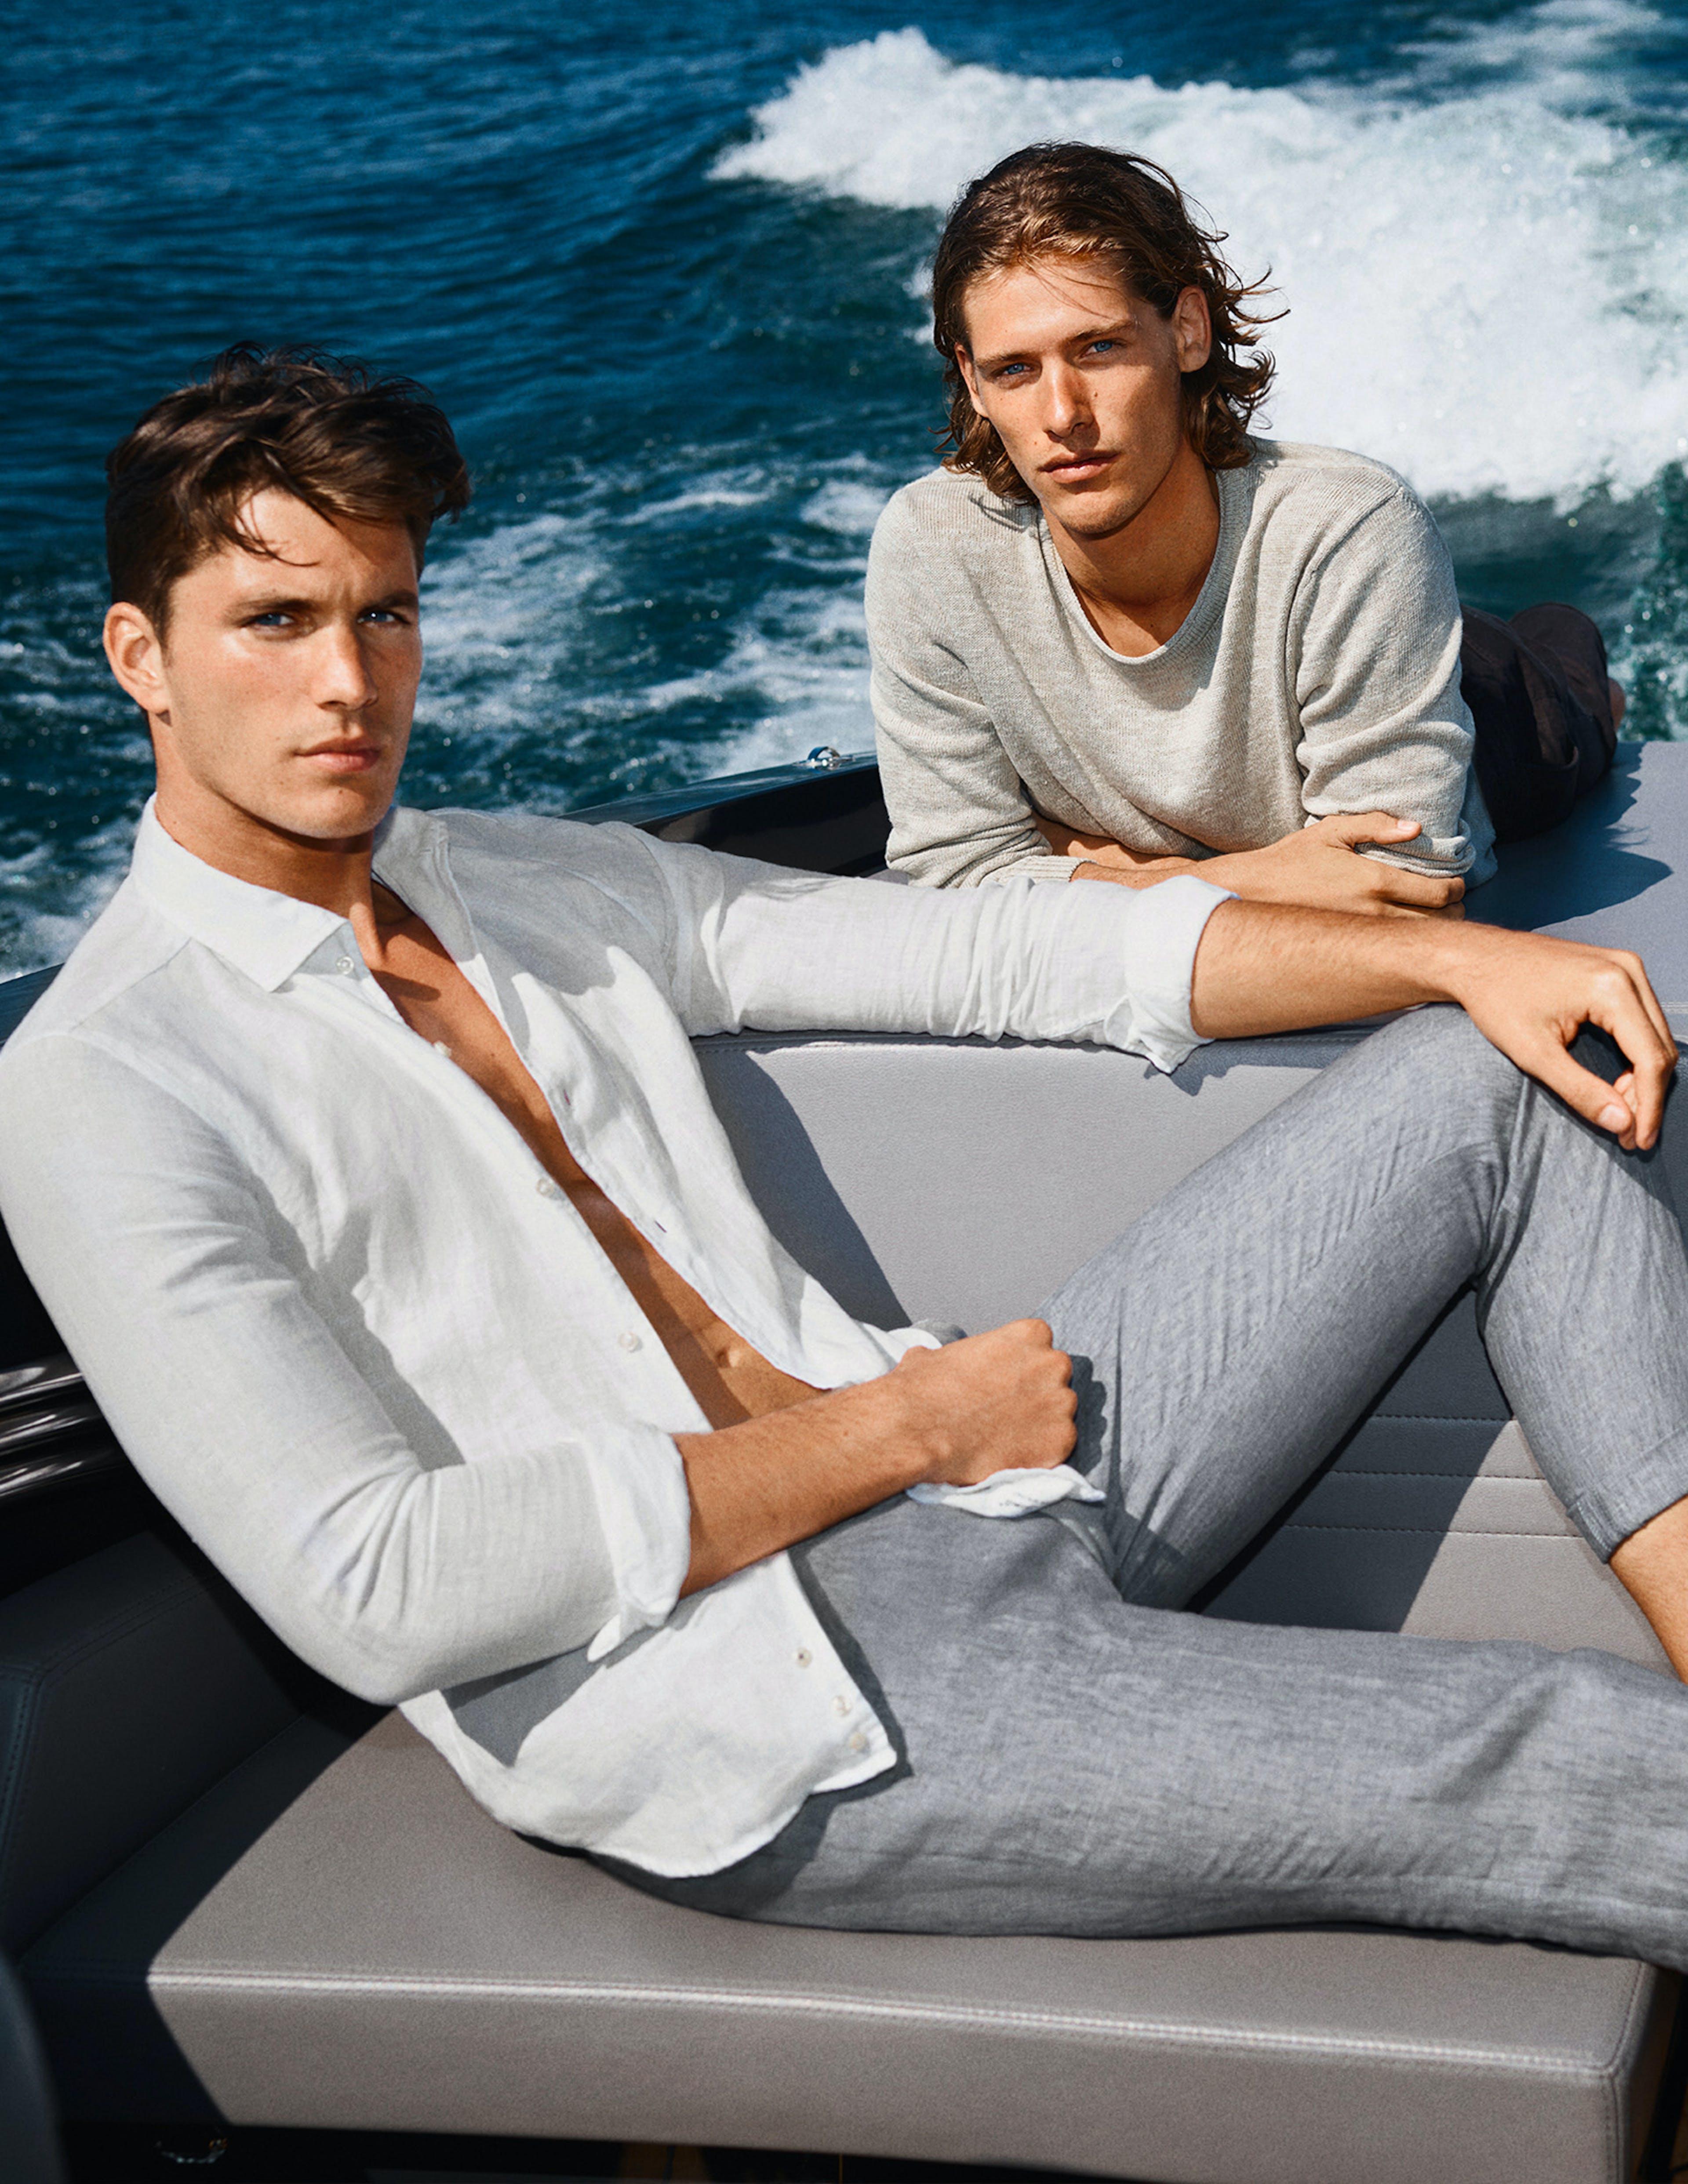 zwei Männer auf Boot in JOOP! Outfit